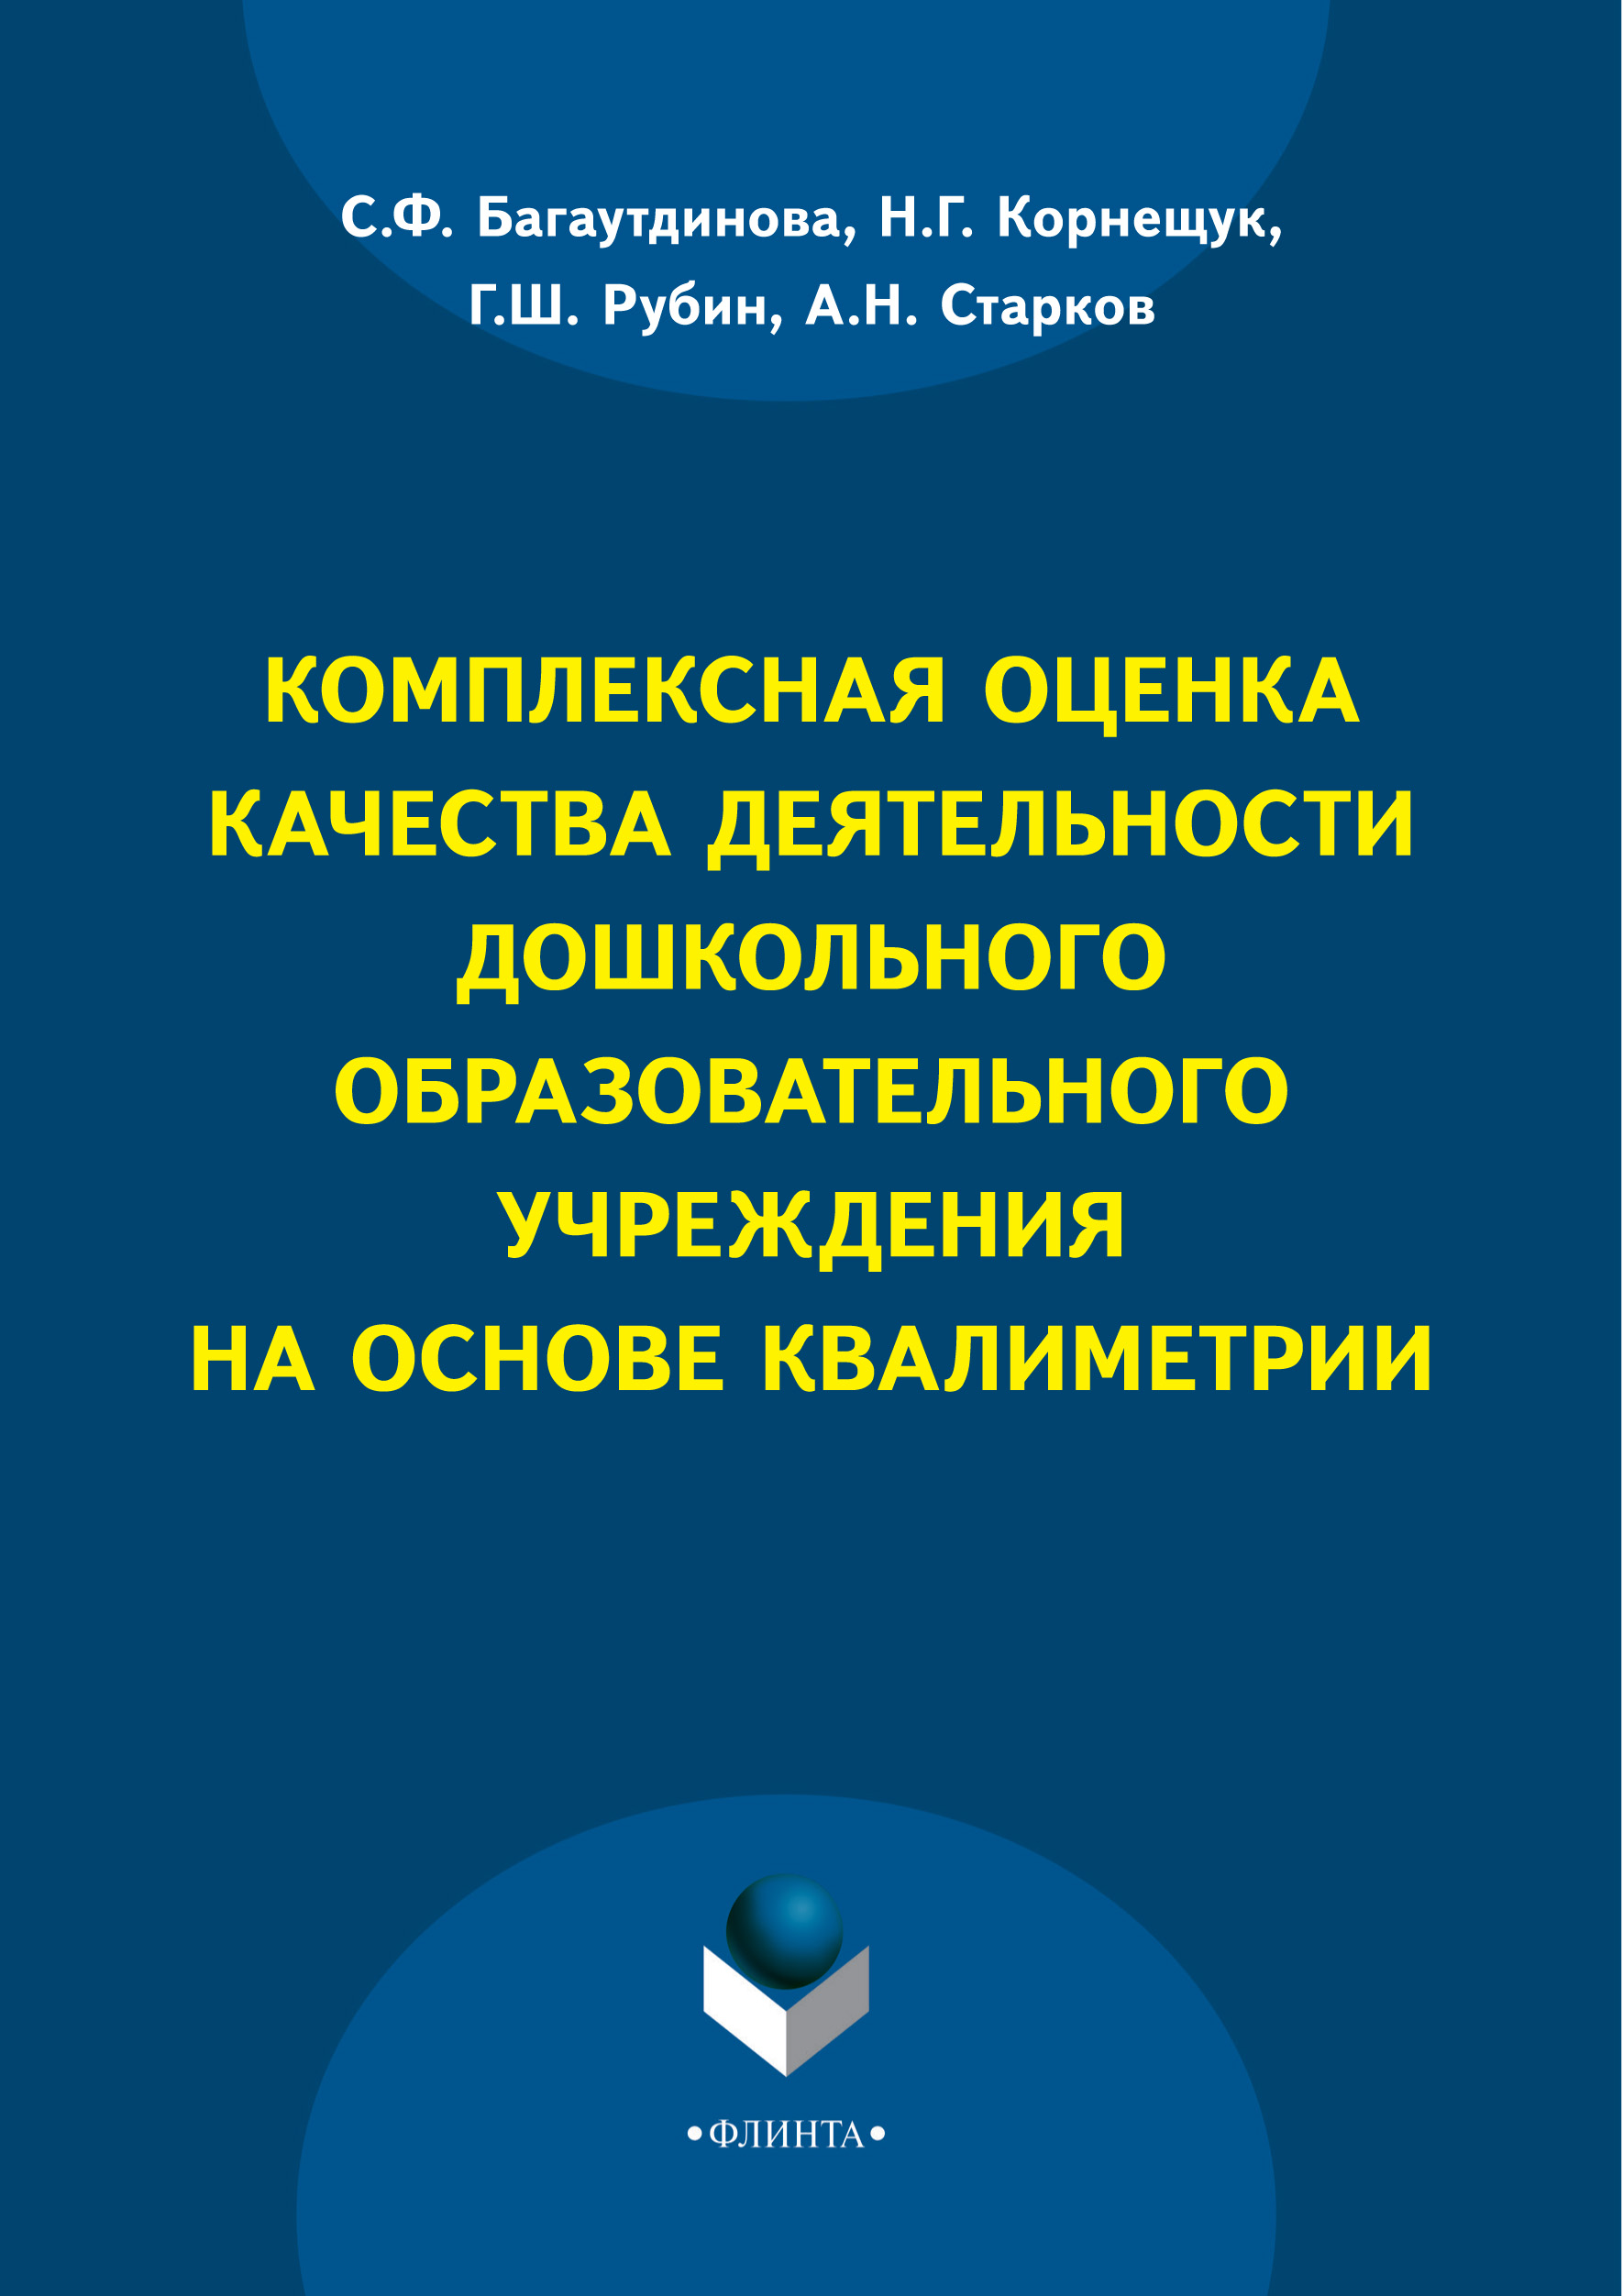 С. Ф. Багаутдинова Комплексная оценка качества деятельности дошкольного образовательного учреждения на основе квалиметрии медработник дошкольного образовательного учреждения 7 2016